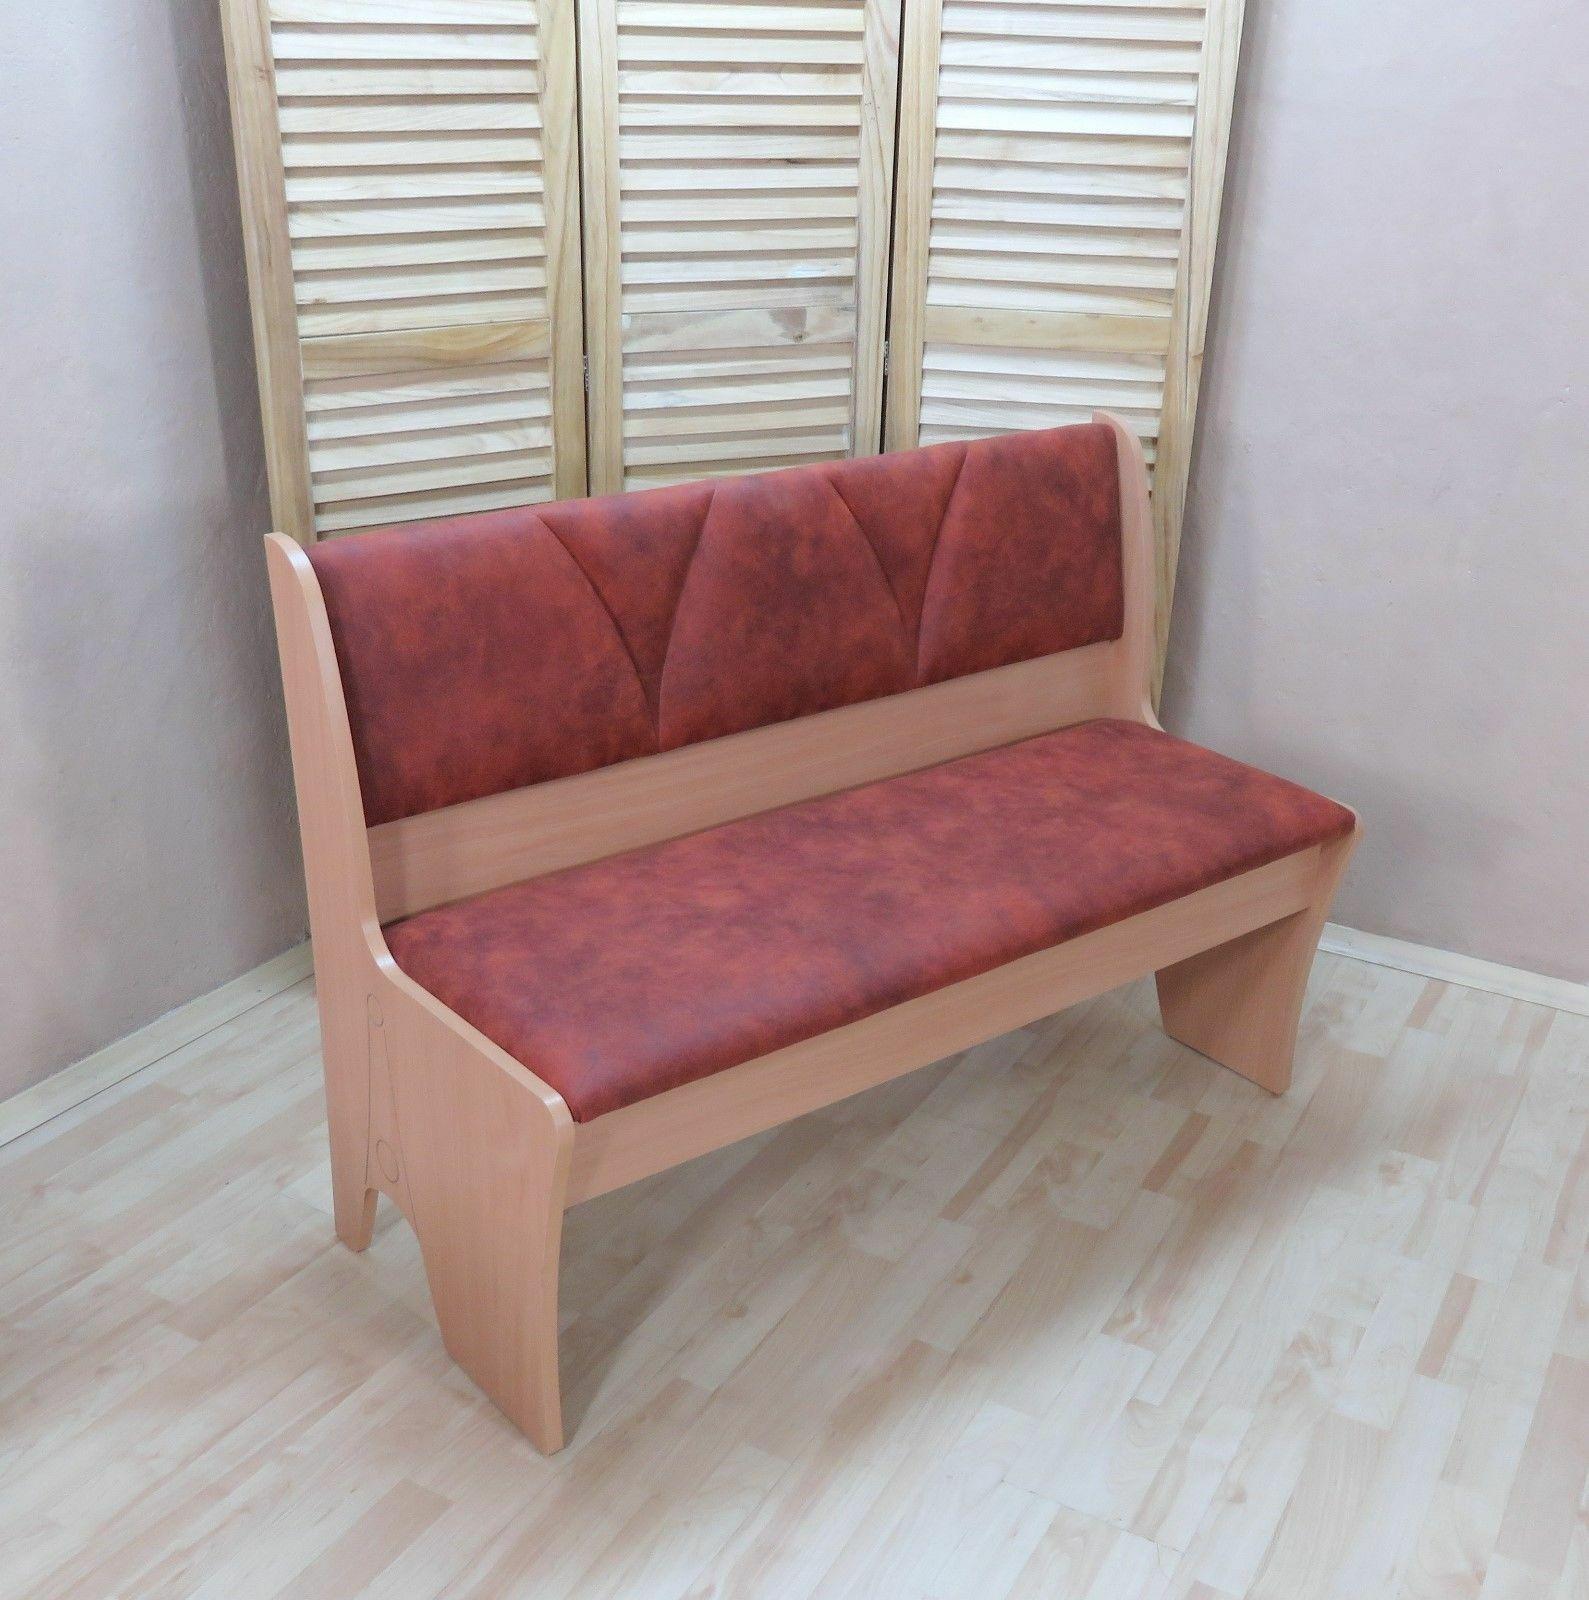 buche bank free sitzbank cm bank malta mit lehne cm cm varianten polsterbank kunstleder bild. Black Bedroom Furniture Sets. Home Design Ideas